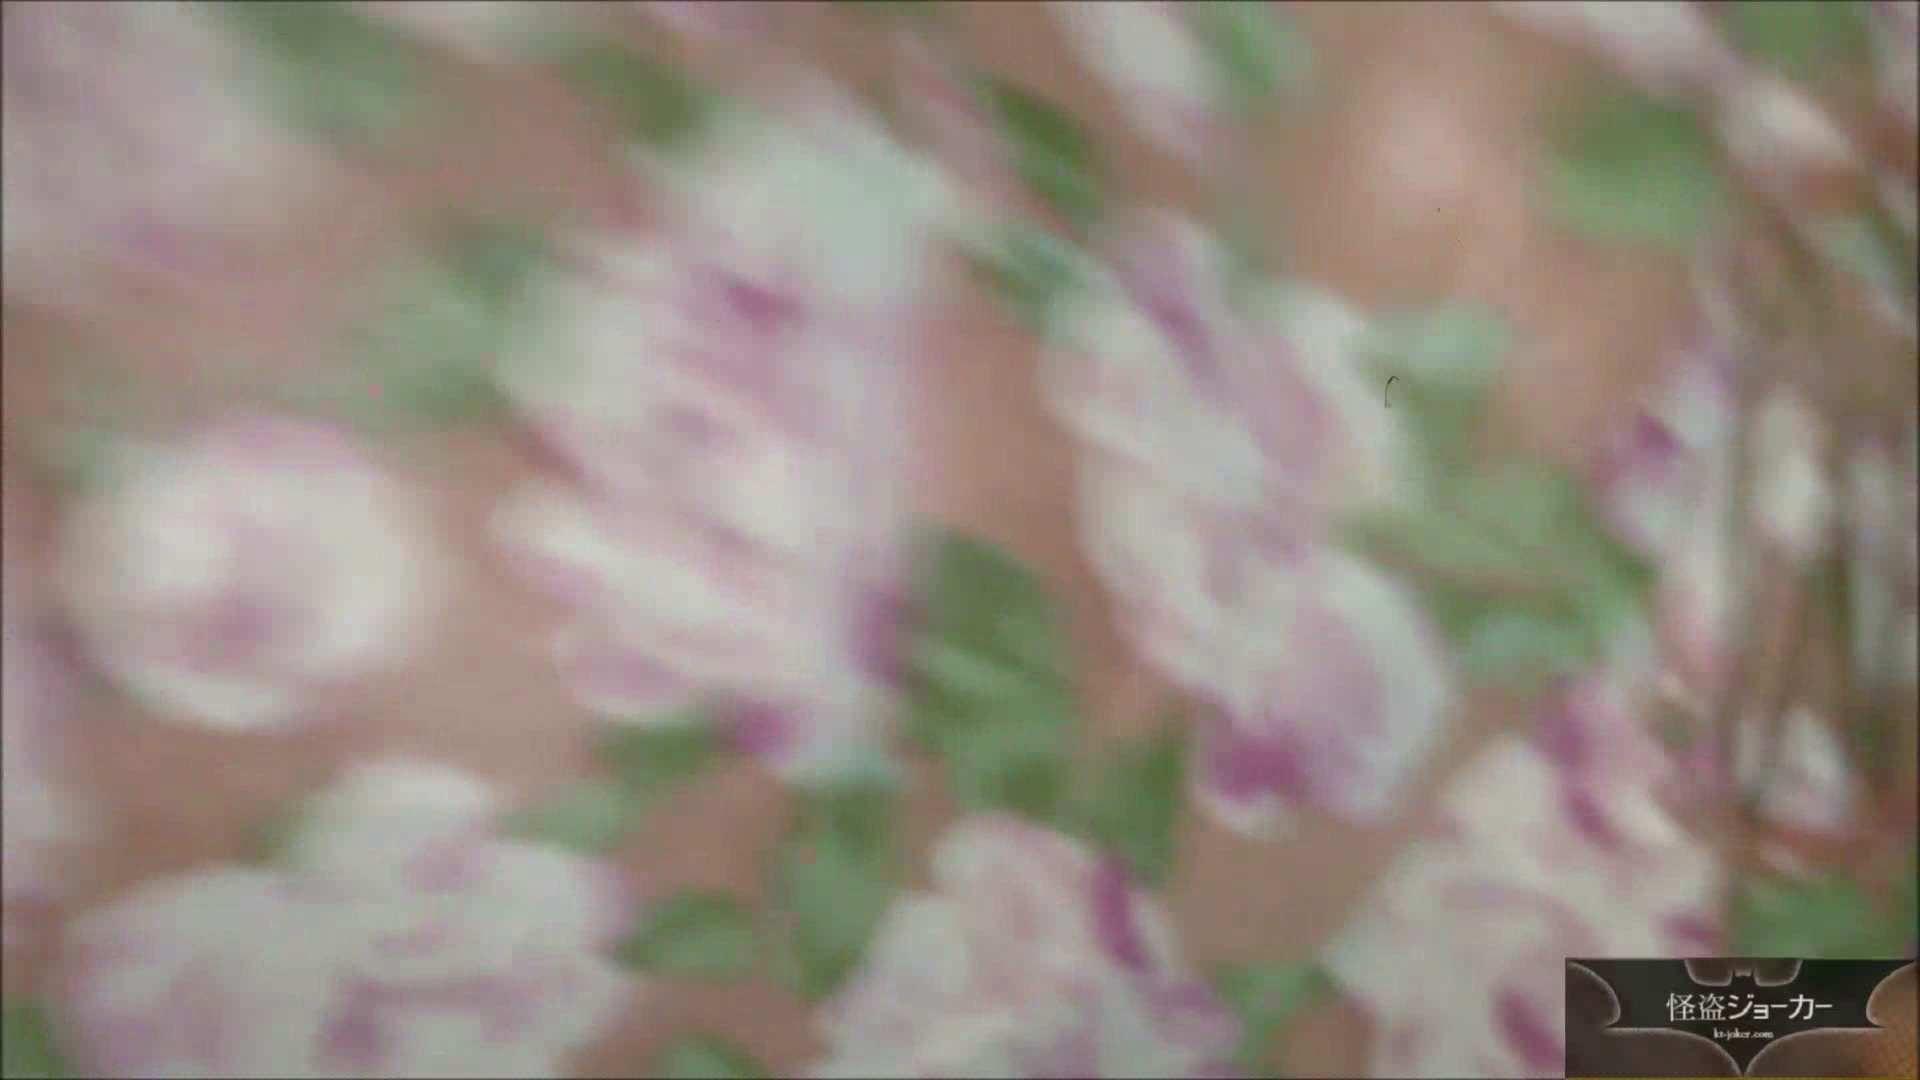 【未公開】vol.68{BLENDA系美女}UAちゃん_甘い香りと生臭い香り エロいOL | 0  74枚